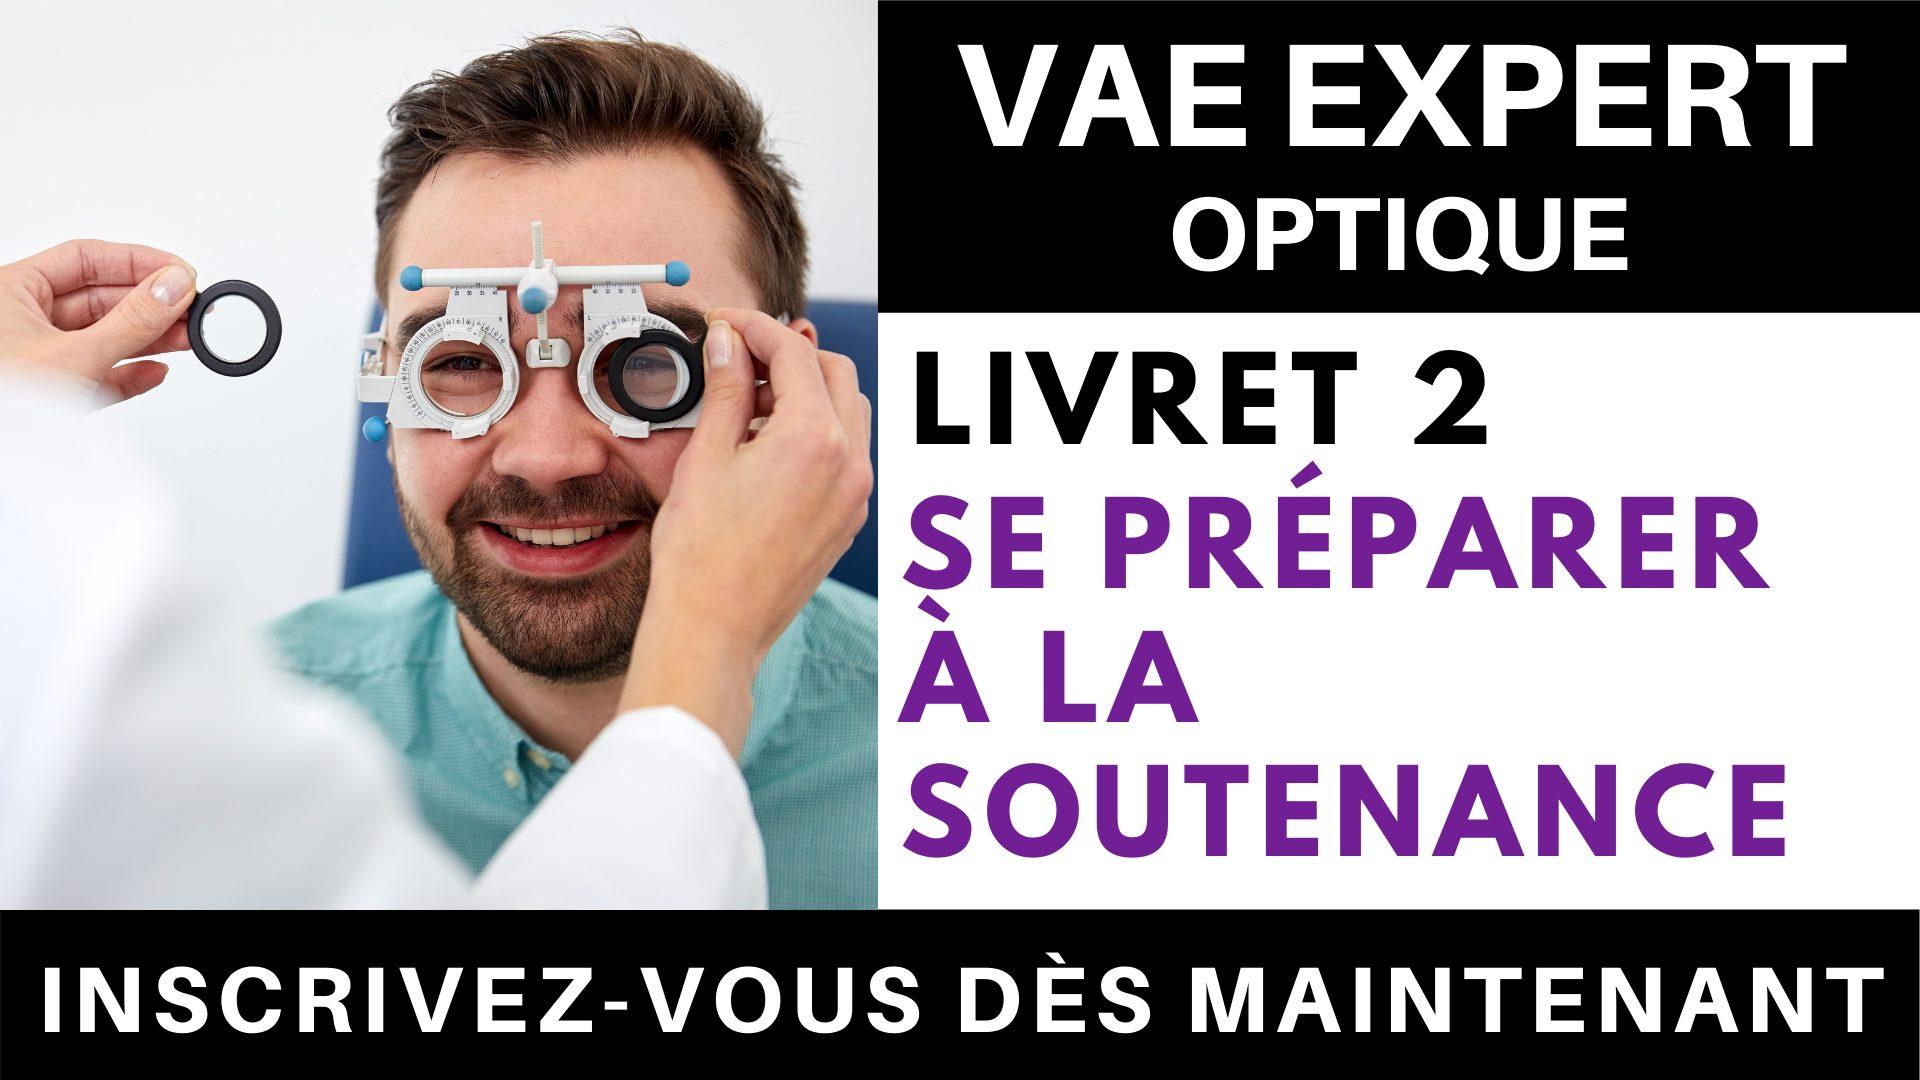 VAE EXPERT OPTIQUE - Livret 2 Se préparer à la soutenance